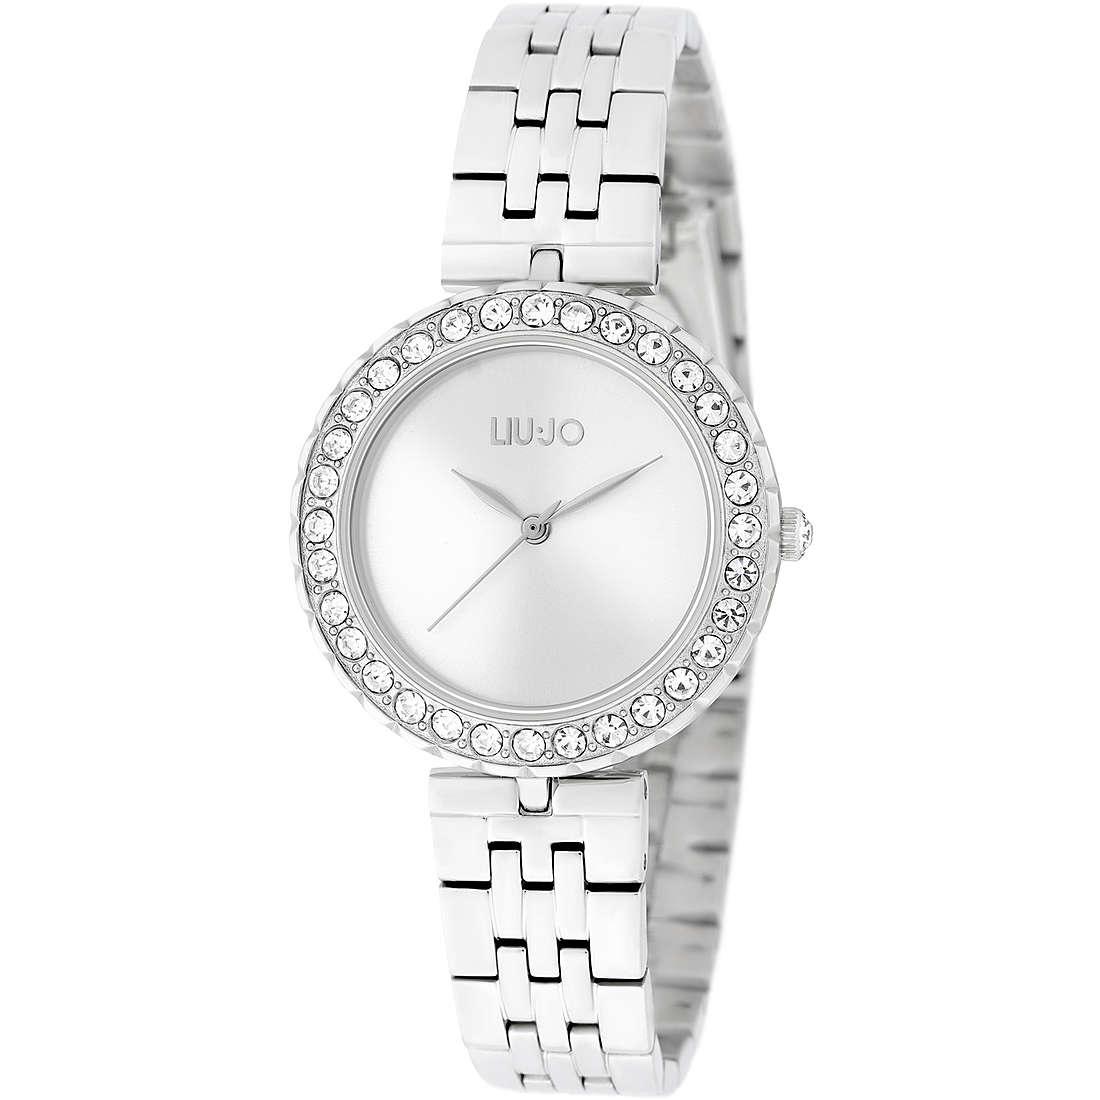 verre-gioielli-orologio-solo-tempo-donna-liujo-crystal-chic-tlj1703